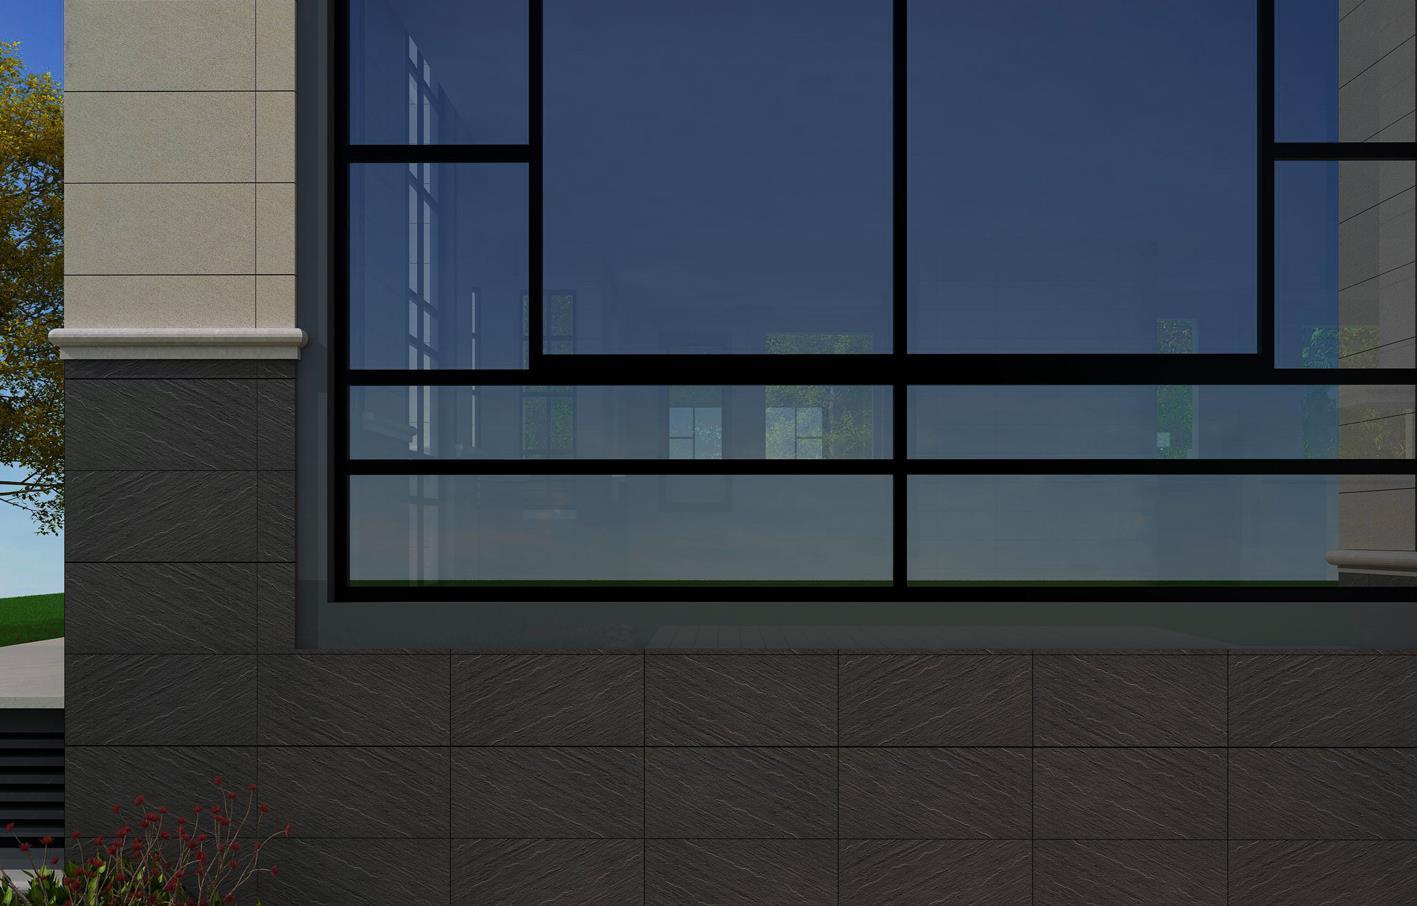 常见的外墙砖种类有哪些?通体薄板外墙砖有什么优缺点?